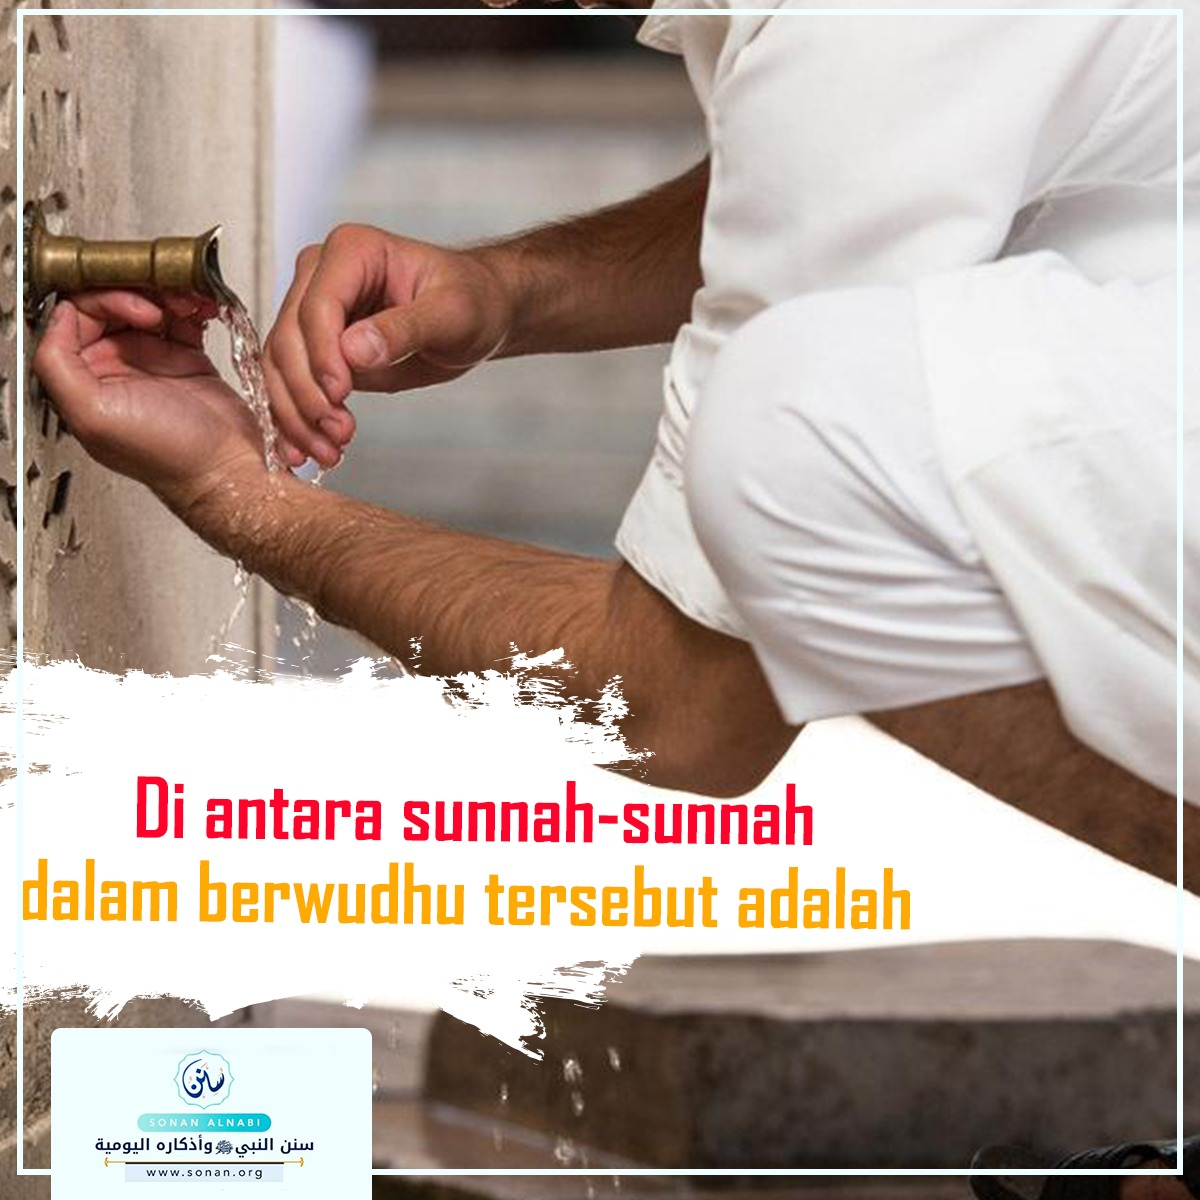 Berdoa dengan kalimat yang diajarkan oleh Nabi setelah selesai berwudhu